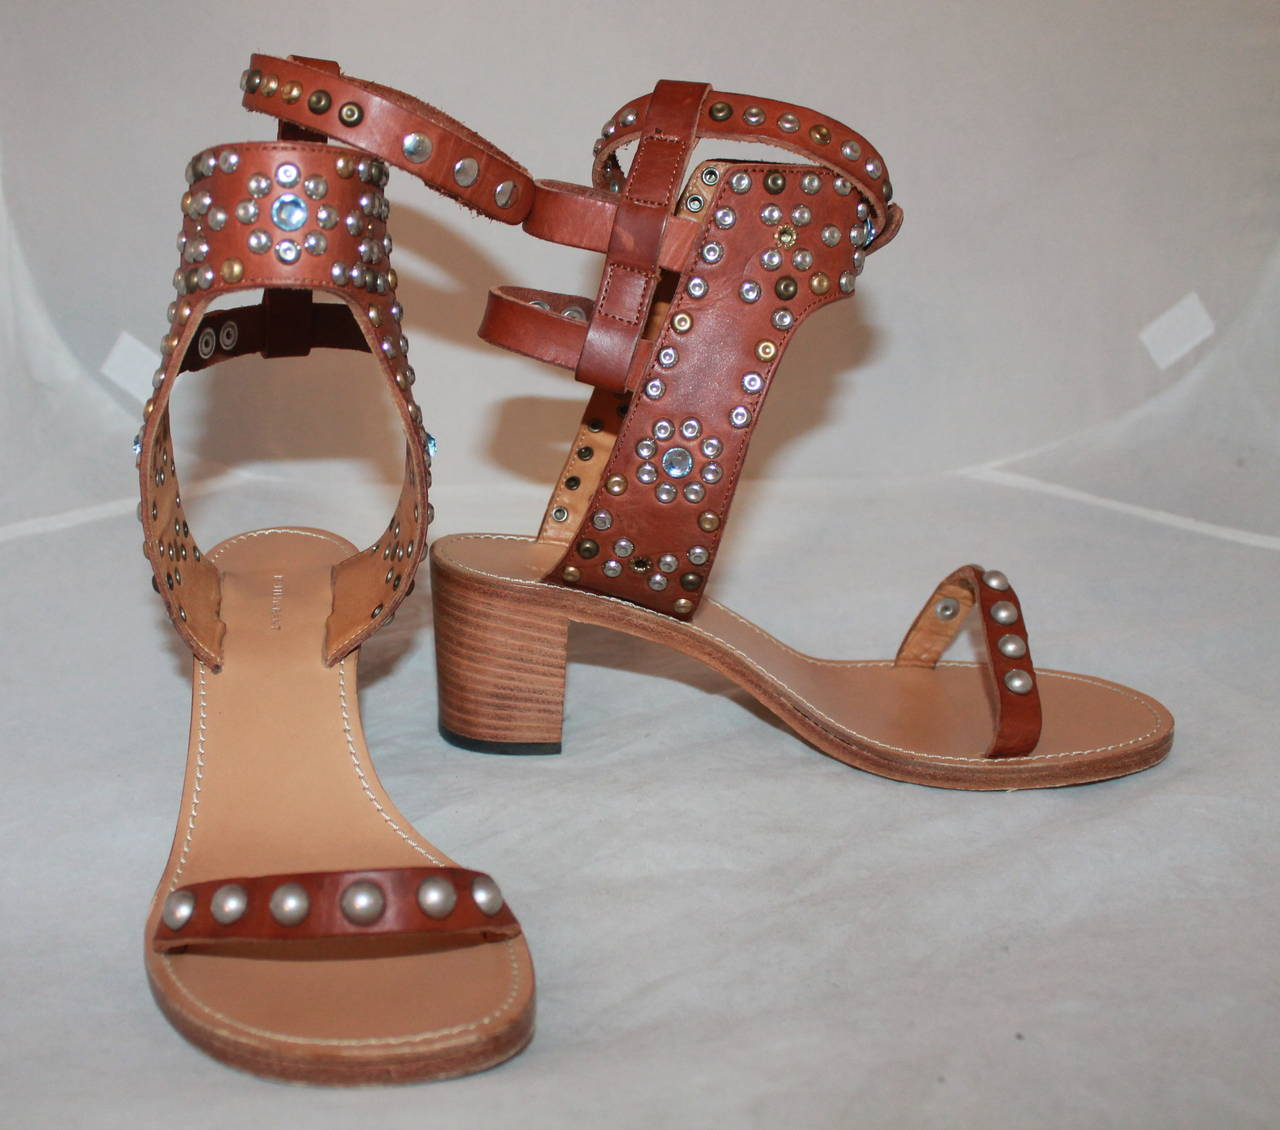 Isabel Marant Leather & Cap Embellished Sandals - 41 2